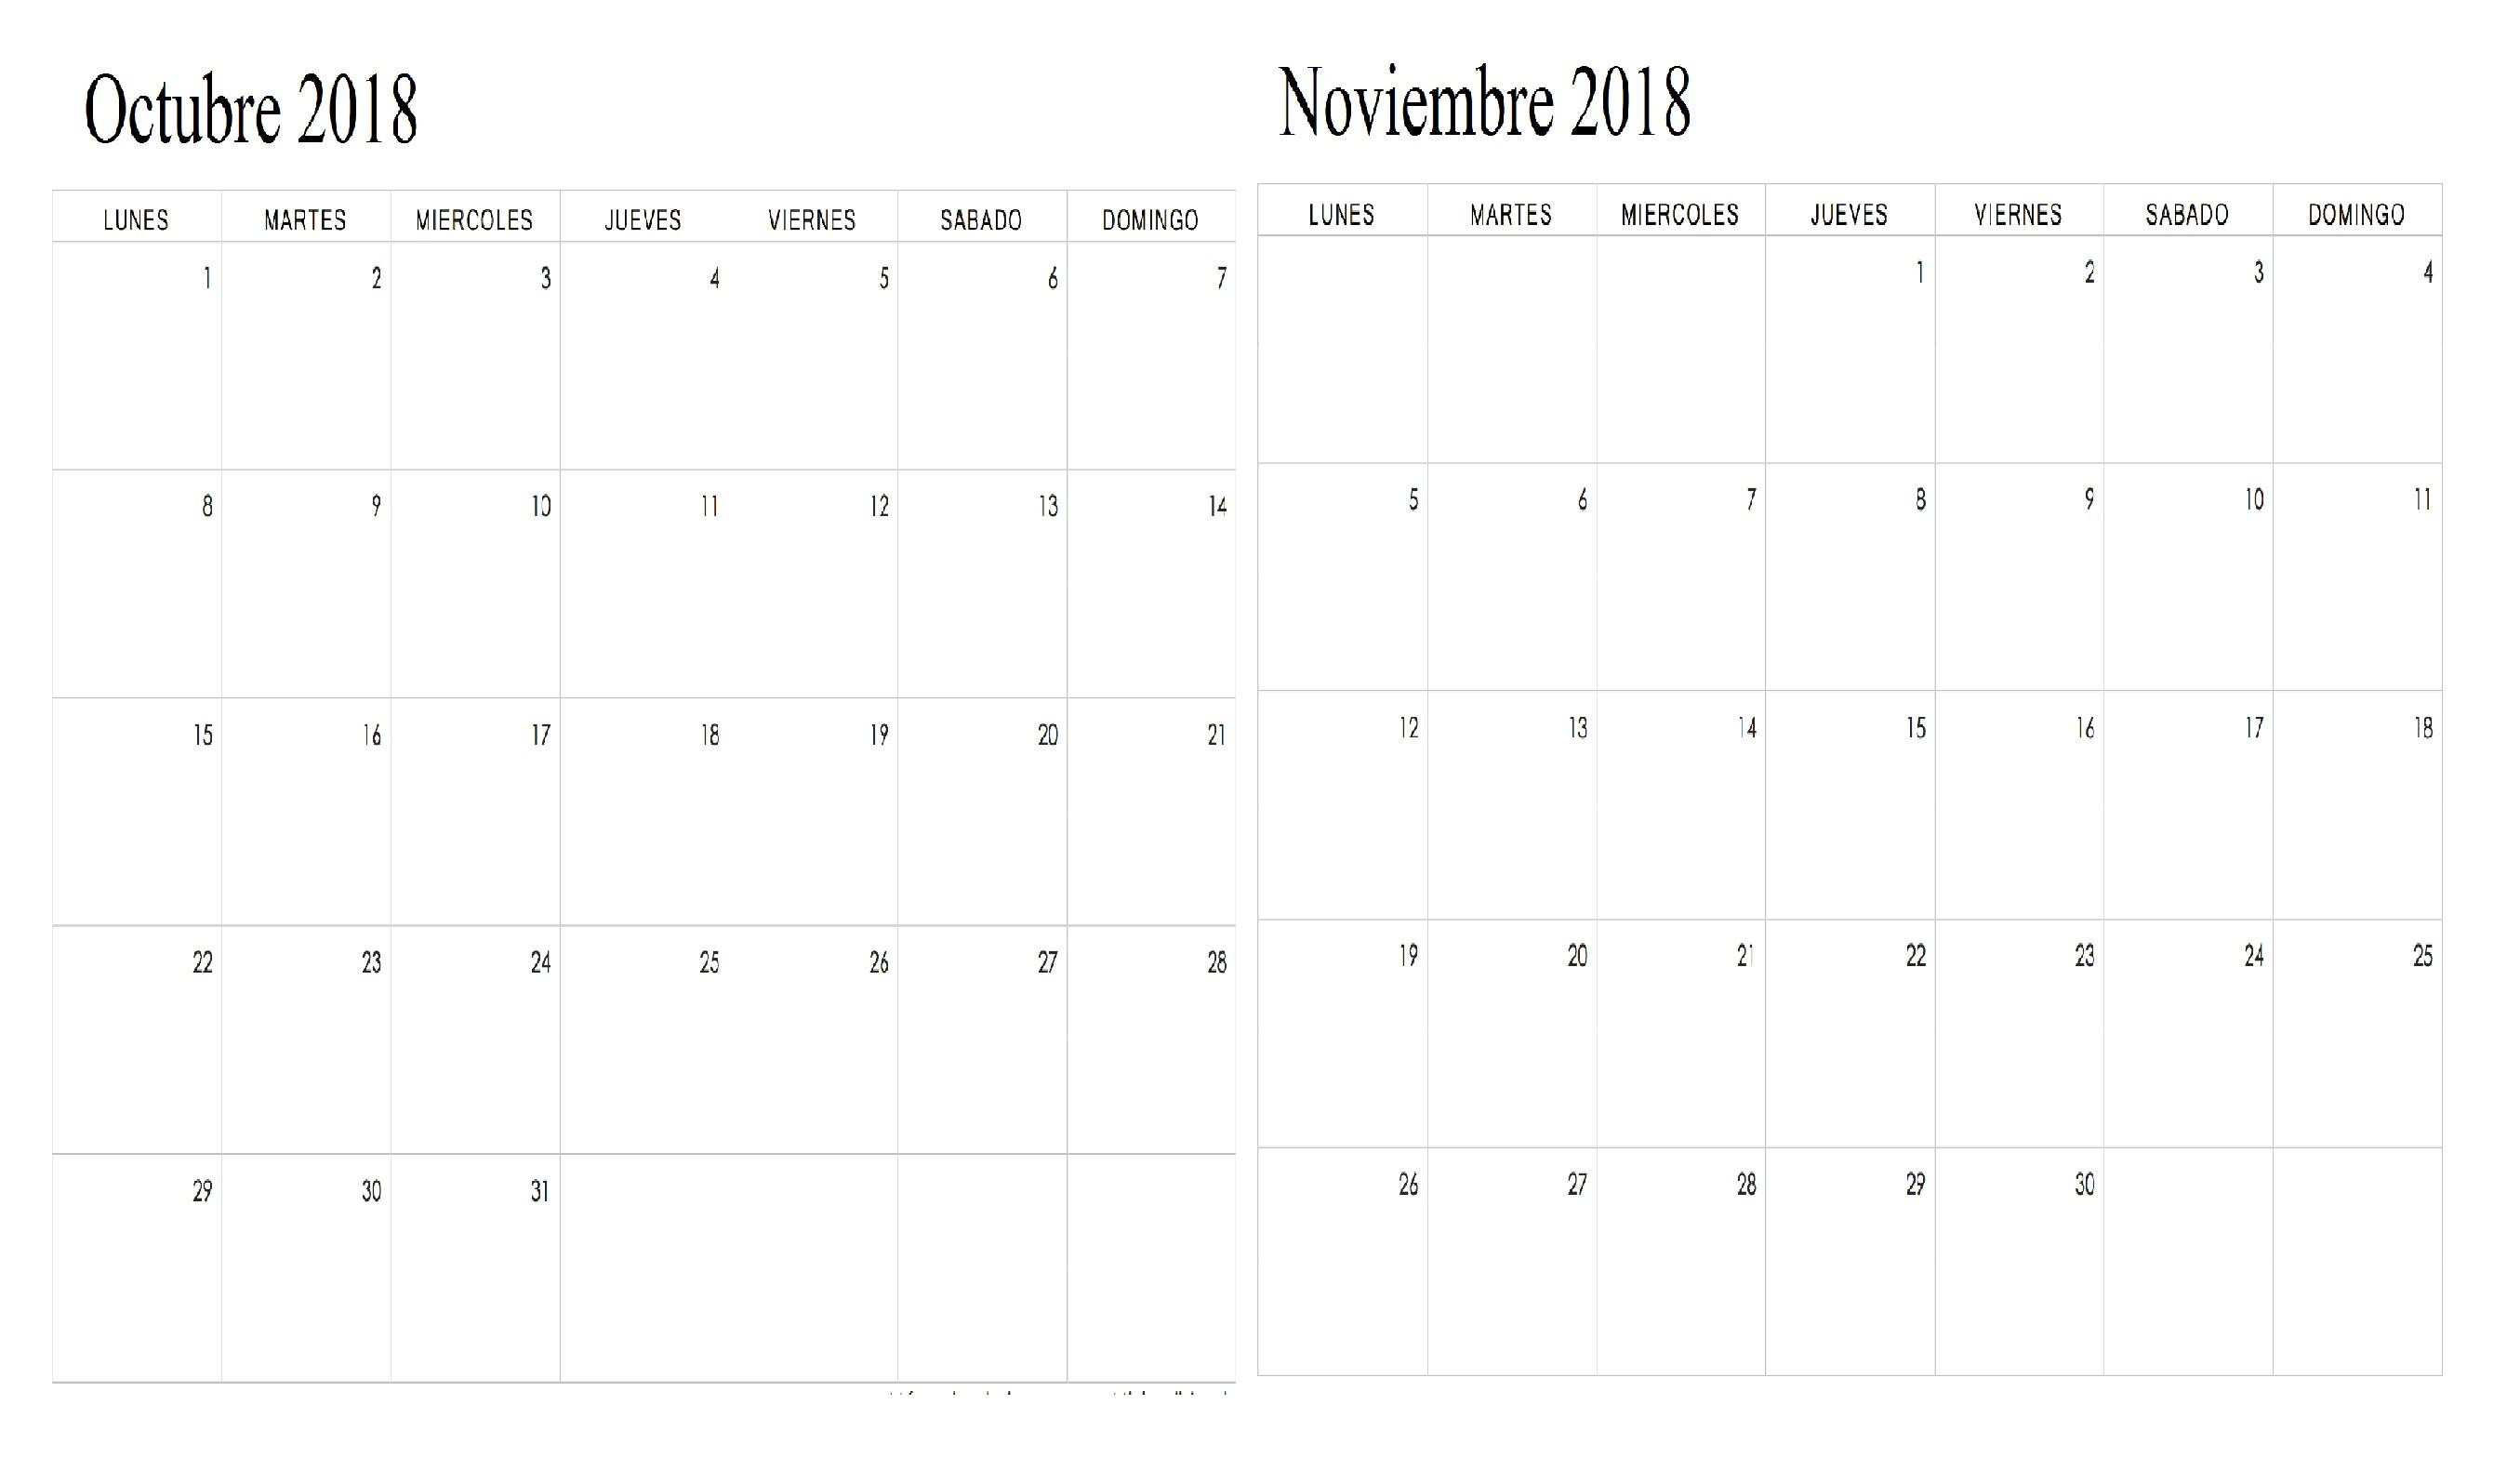 Calendario Para Imprimir Septiembre Octubre Noviembre 2019 Más Caliente Best Calendario Mes De Octubre Y Noviembre 2018 Image Collection Of Calendario Para Imprimir Septiembre Octubre Noviembre 2019 Más Caliente Calendario Noviembre 2018 Printables Pinterest